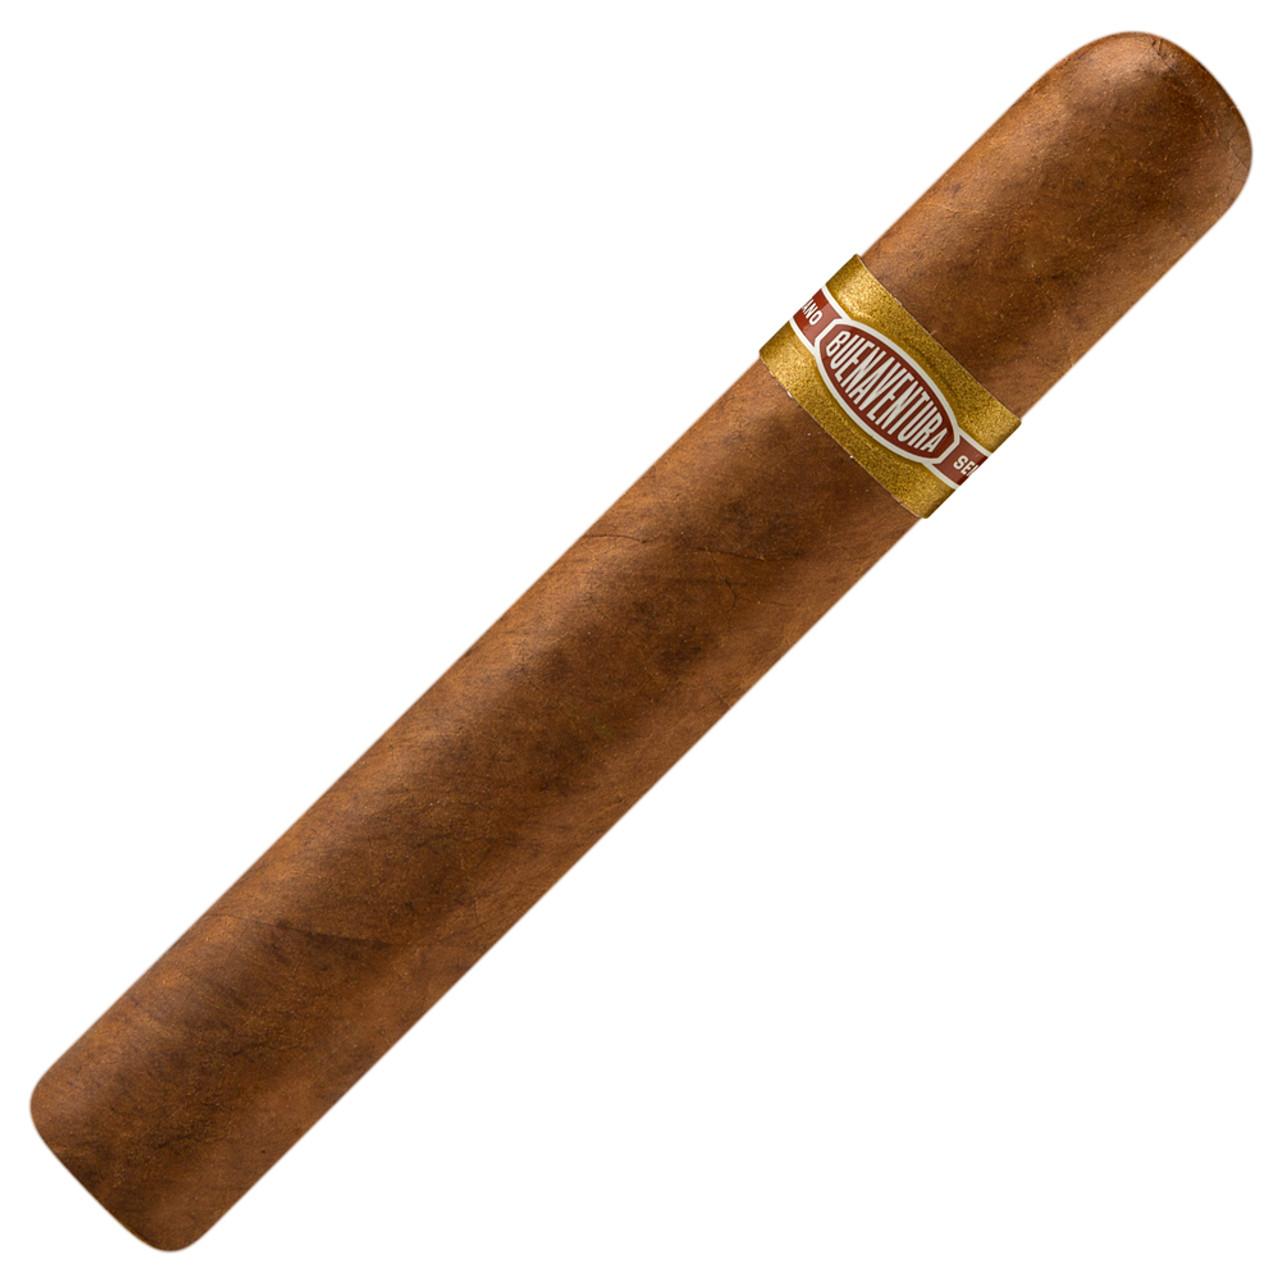 Curivari Buenaventura Petit BV Cigars - 4.25 x 54 (Box of 20)